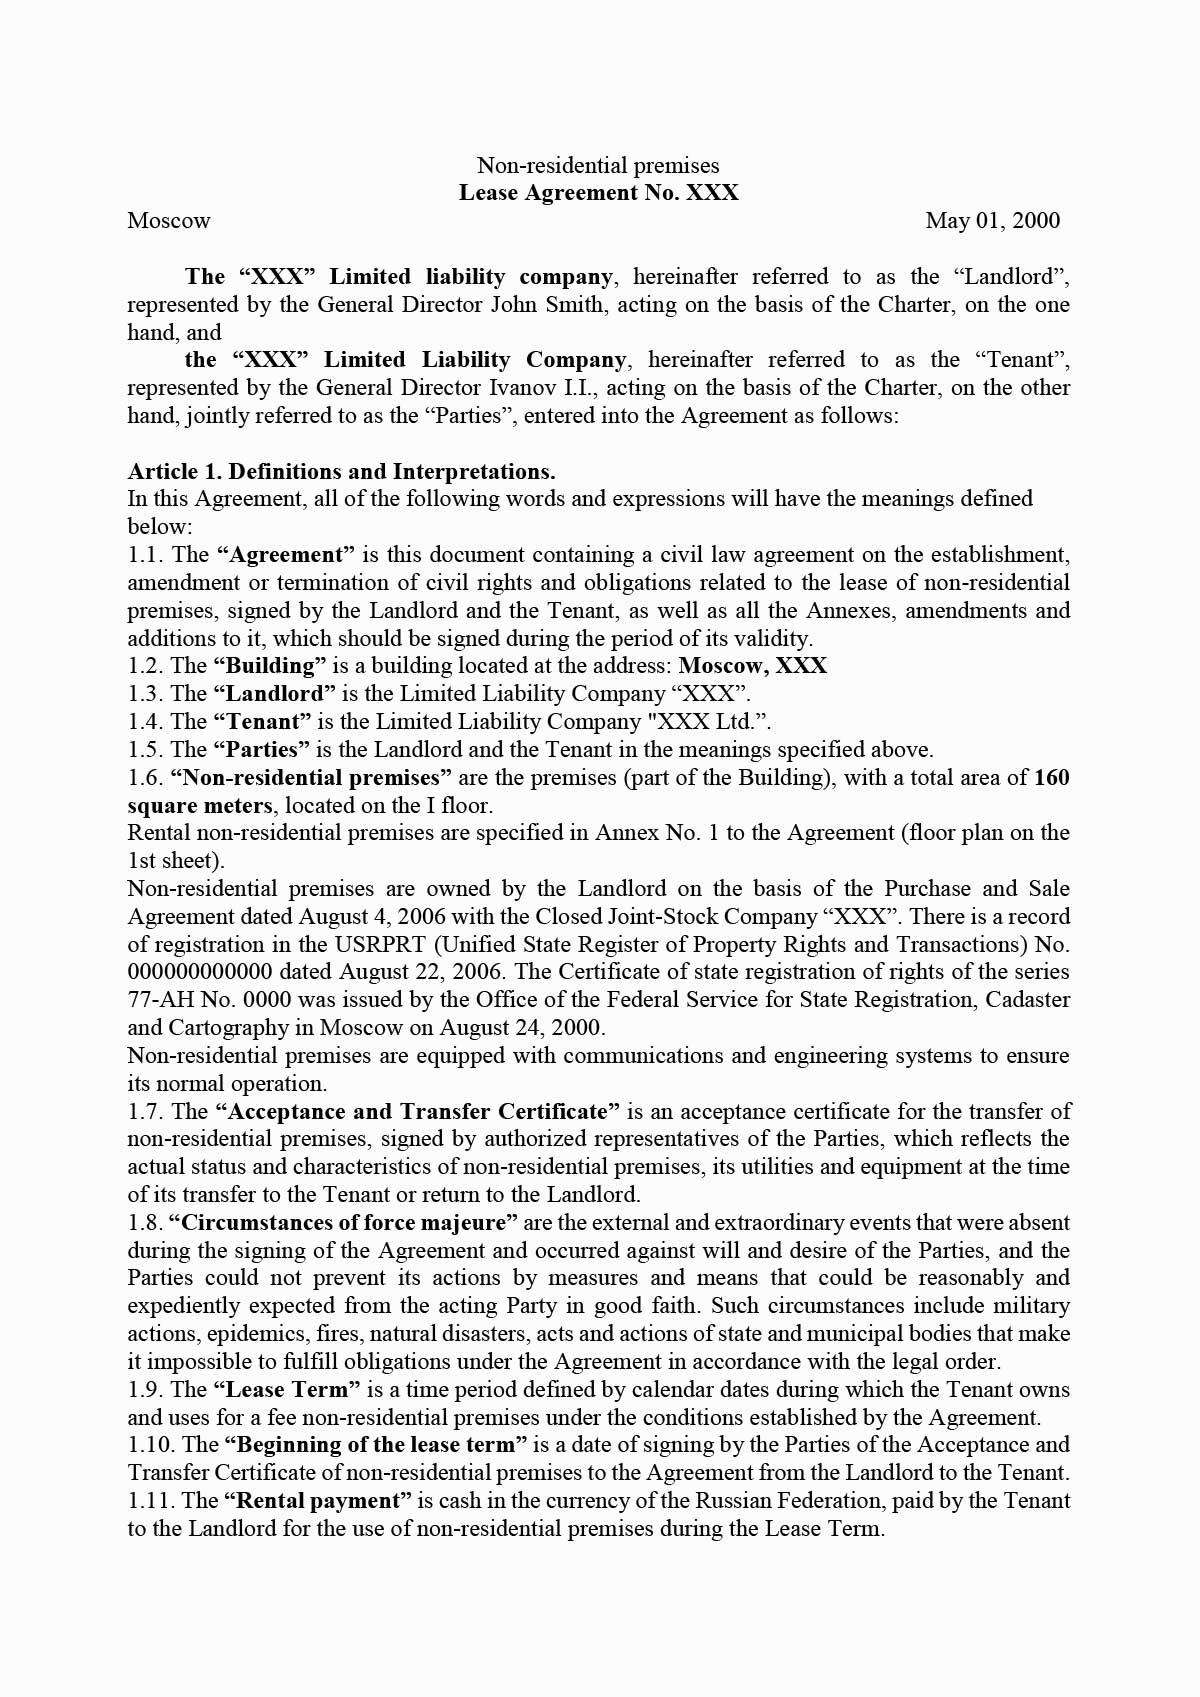 Перевод договора аренды на английский